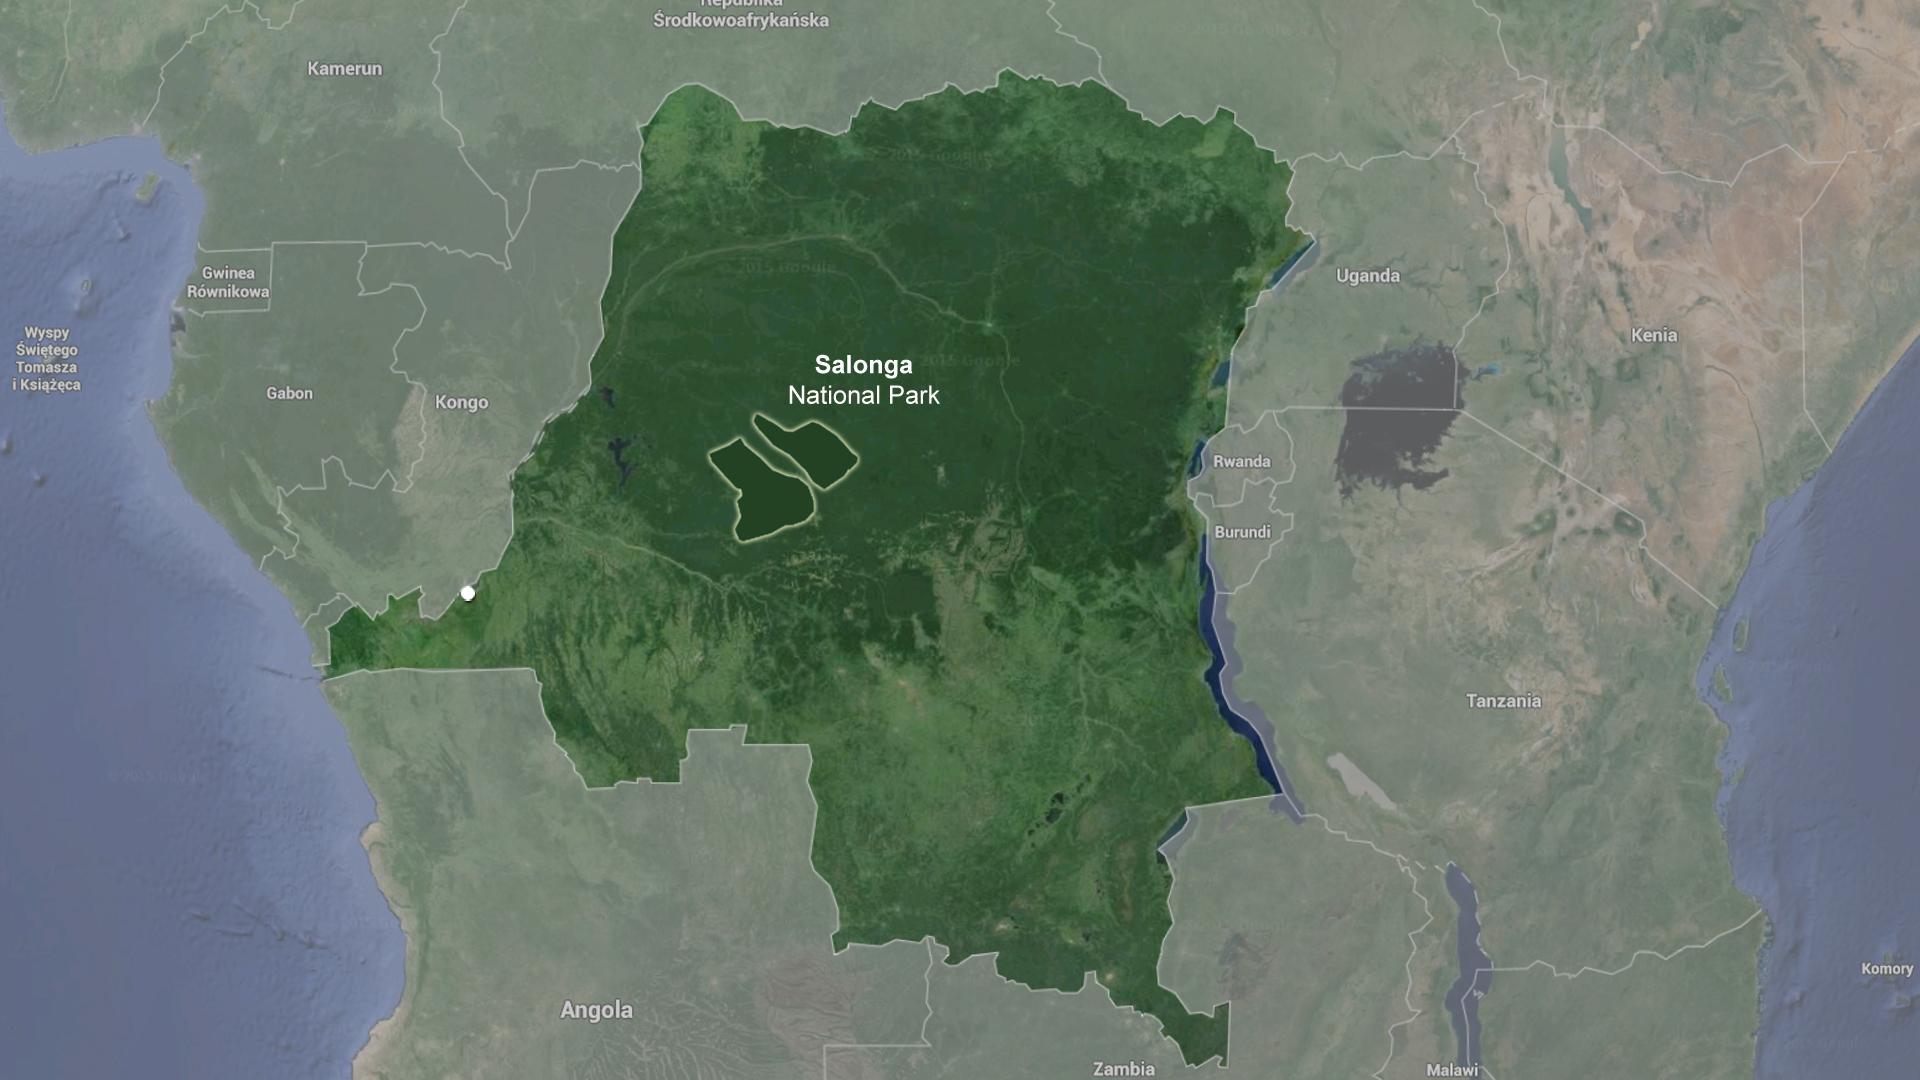 05 Mapa konga5